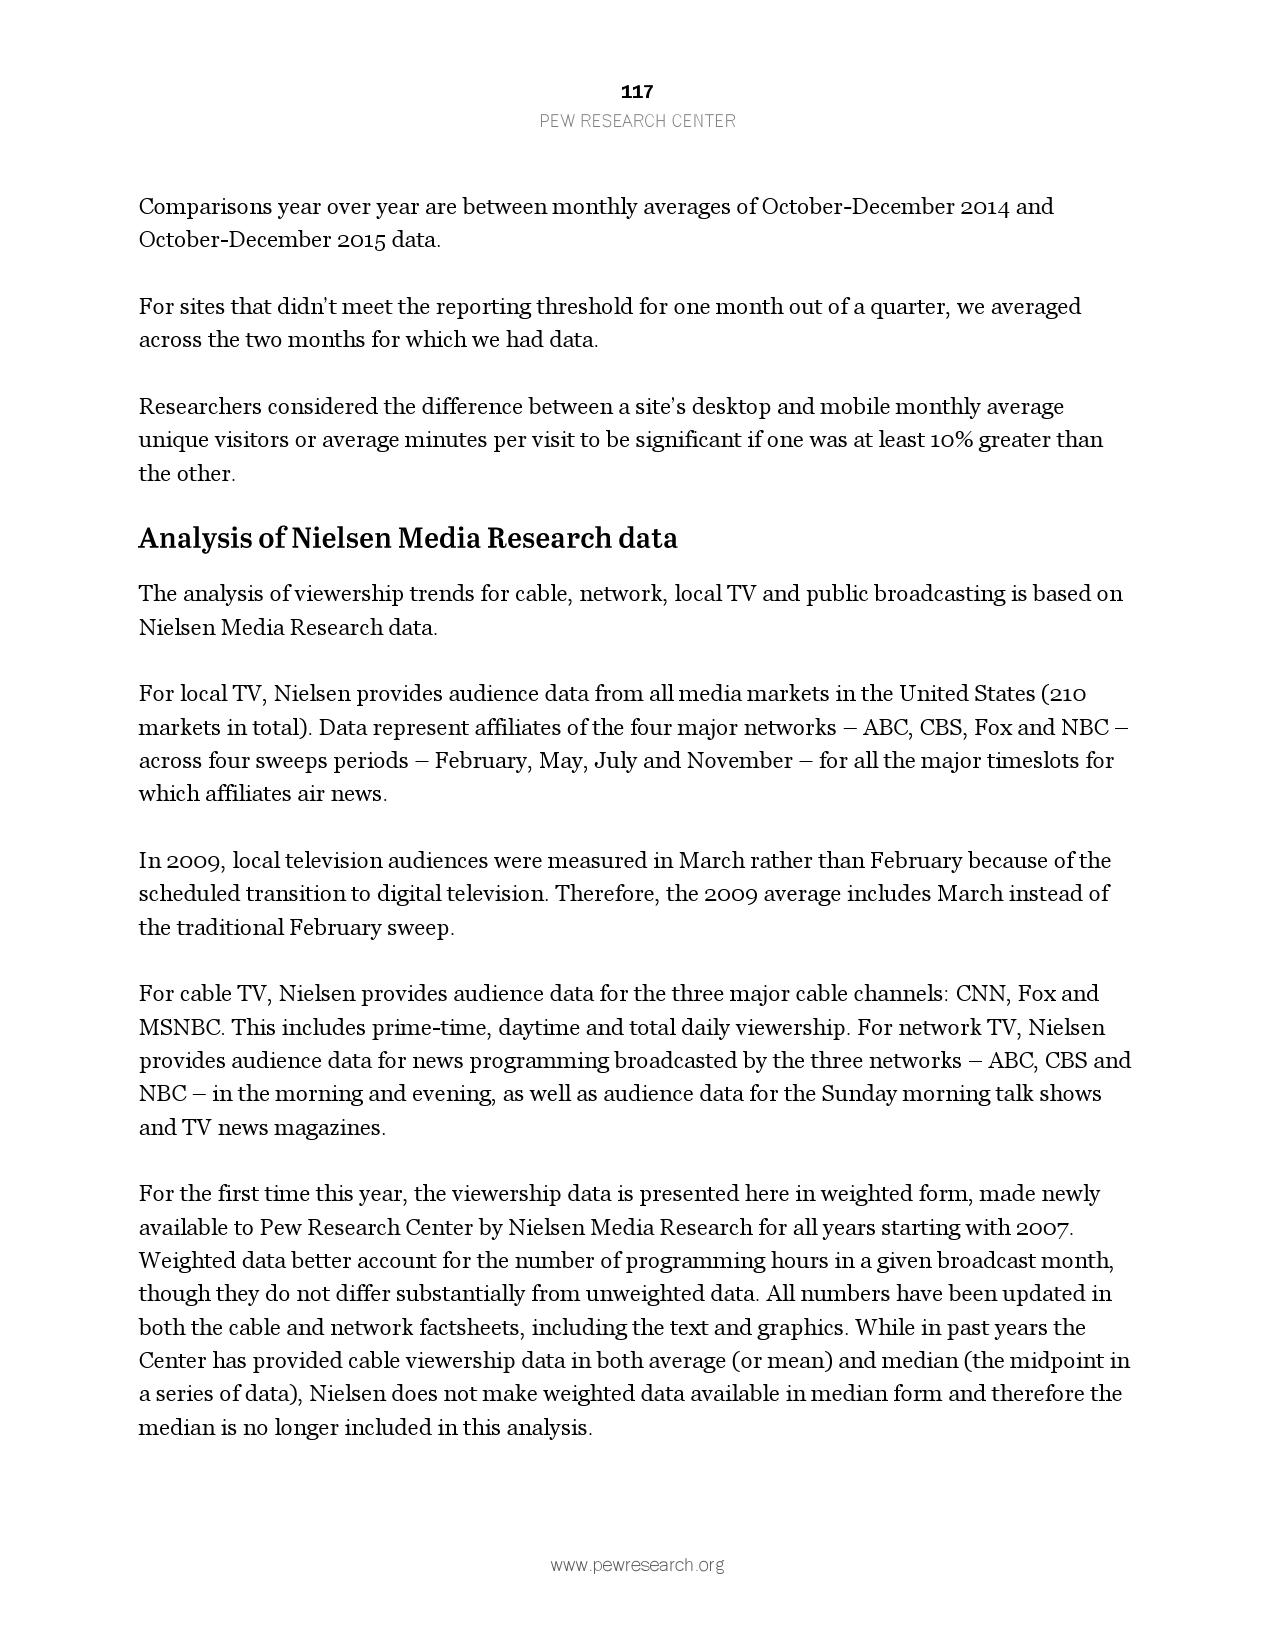 2016美国新媒体研究报告_000117